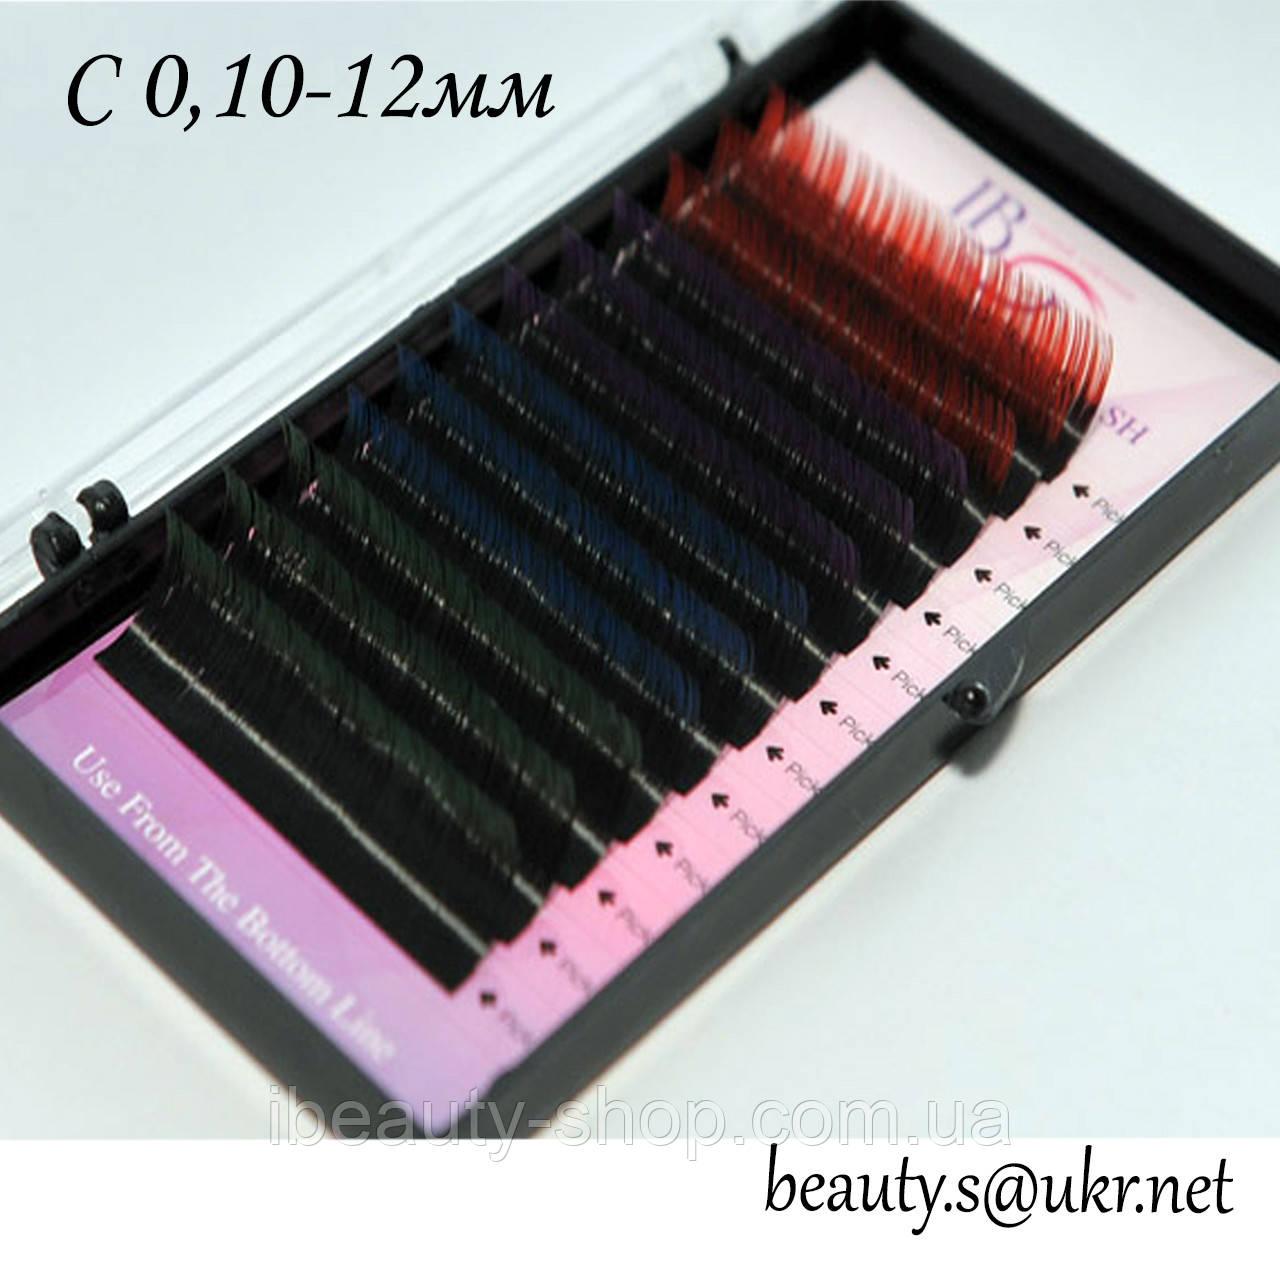 Ресницы I-Beauty, С 0,10-12мм,цветные концы,4 цвета